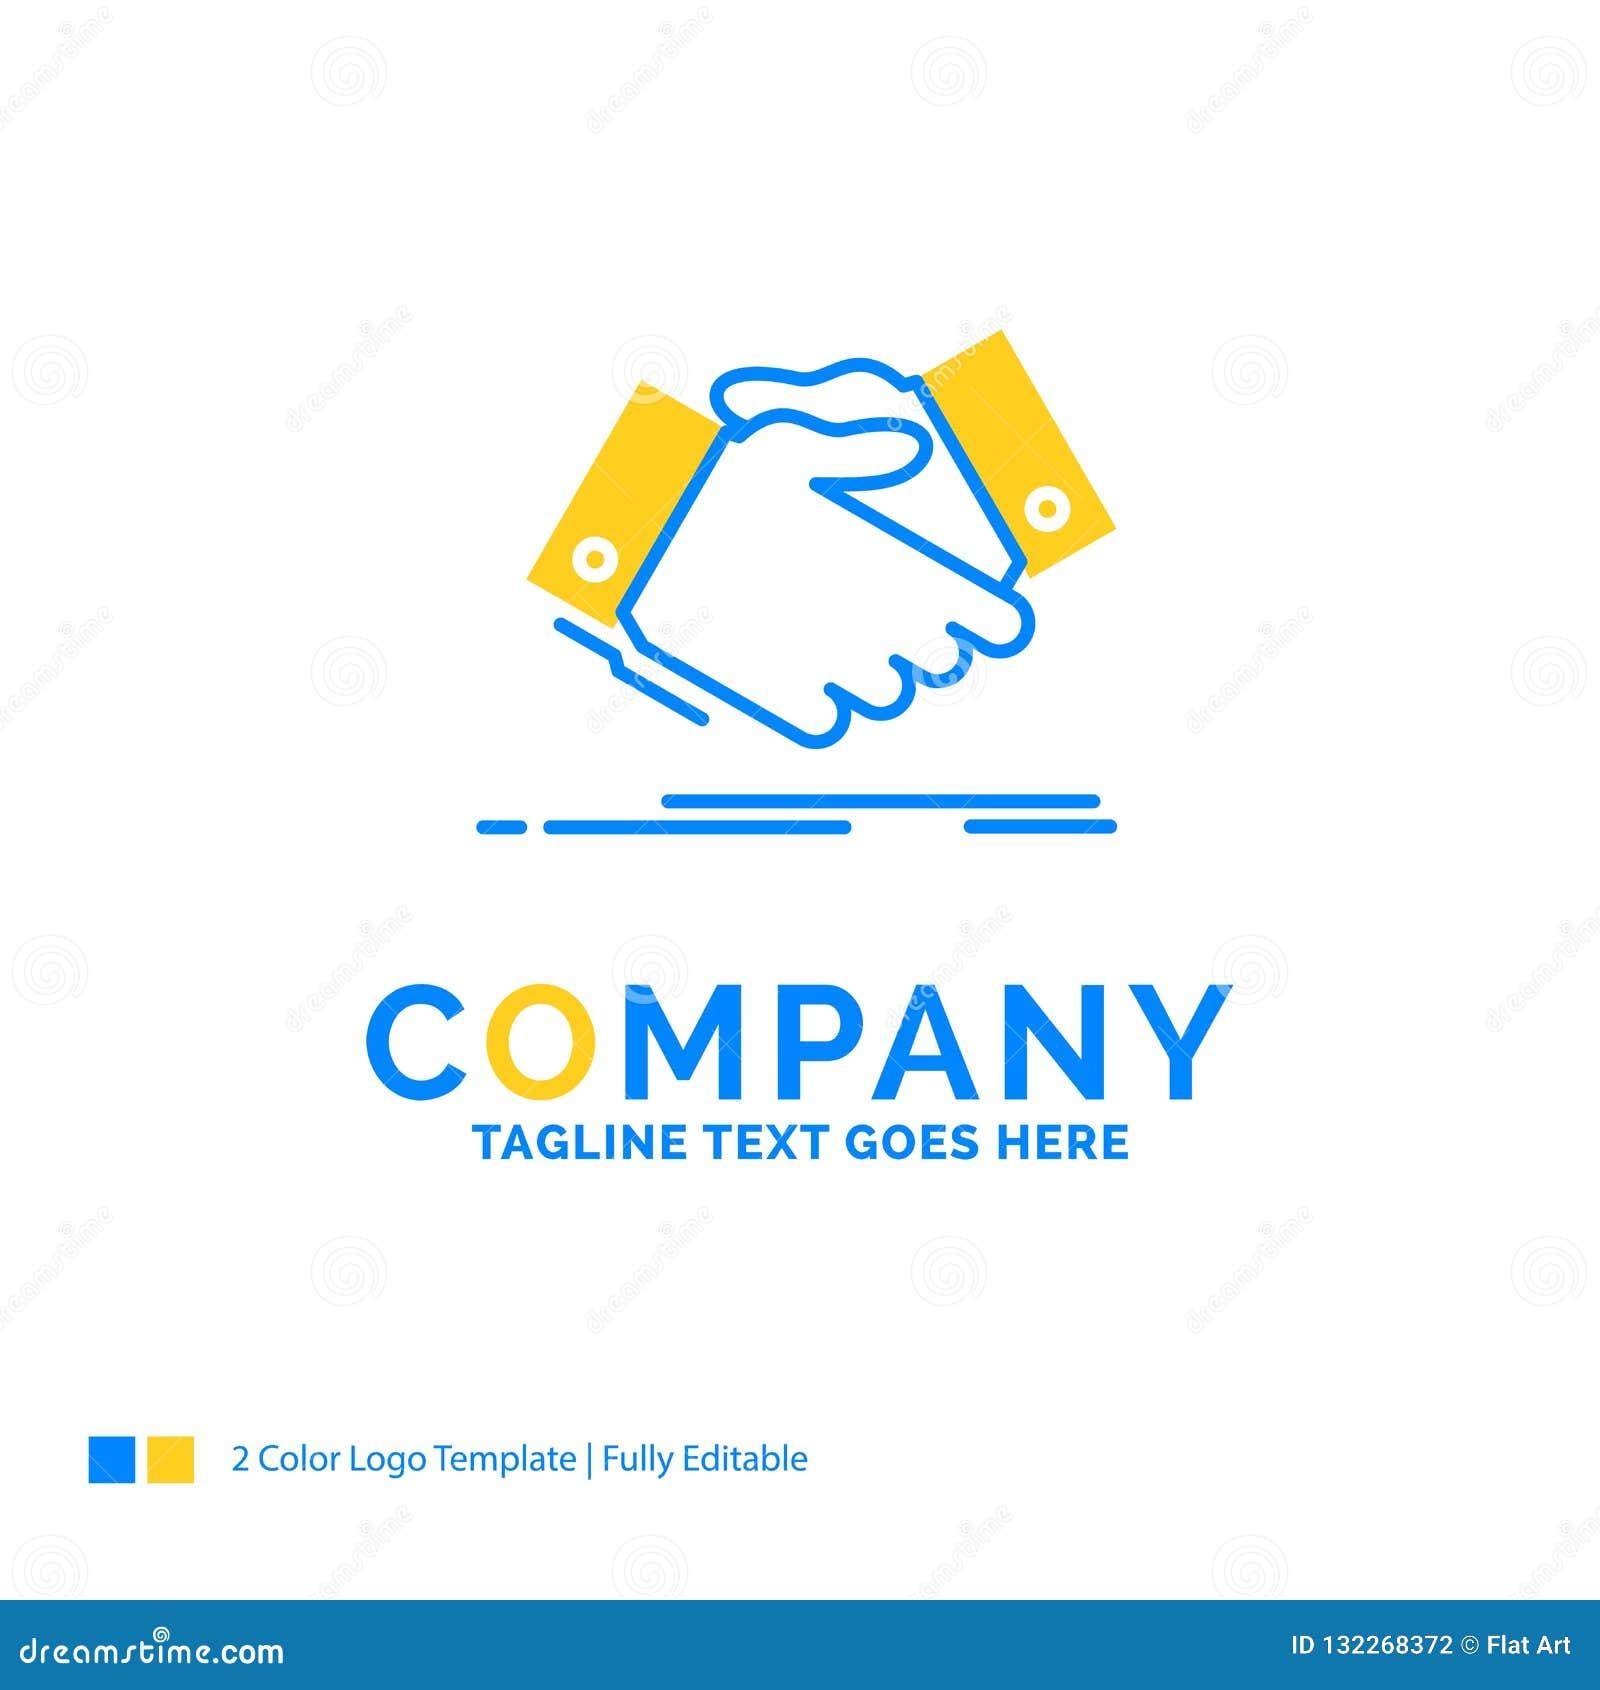 handshake, hand shake, shaking hand, Agreement, business Blue Ye